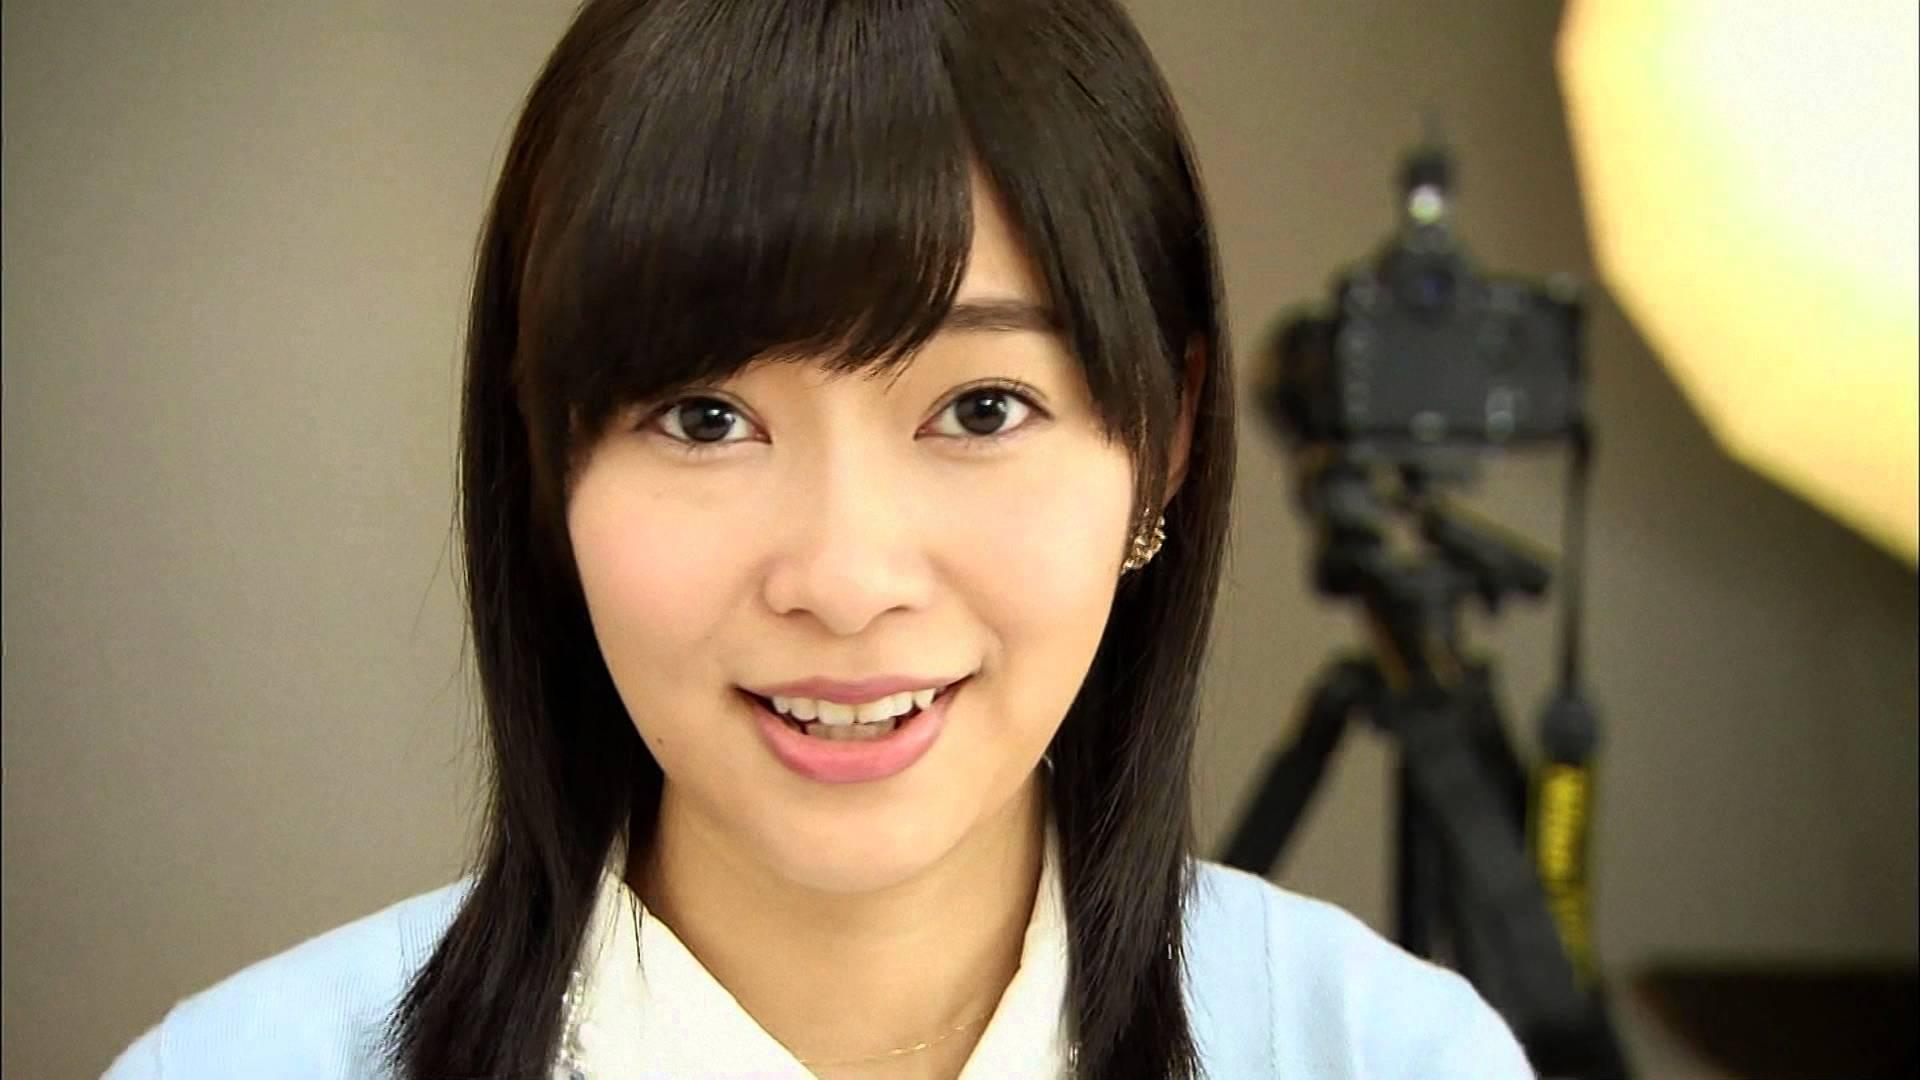 指原莉乃 今や、AKB48の頂点に立つ指原莉乃。 卒業メンバー・現役メンバー全員の中で、一番成功を納めていると言っても過言ではない活躍ね。